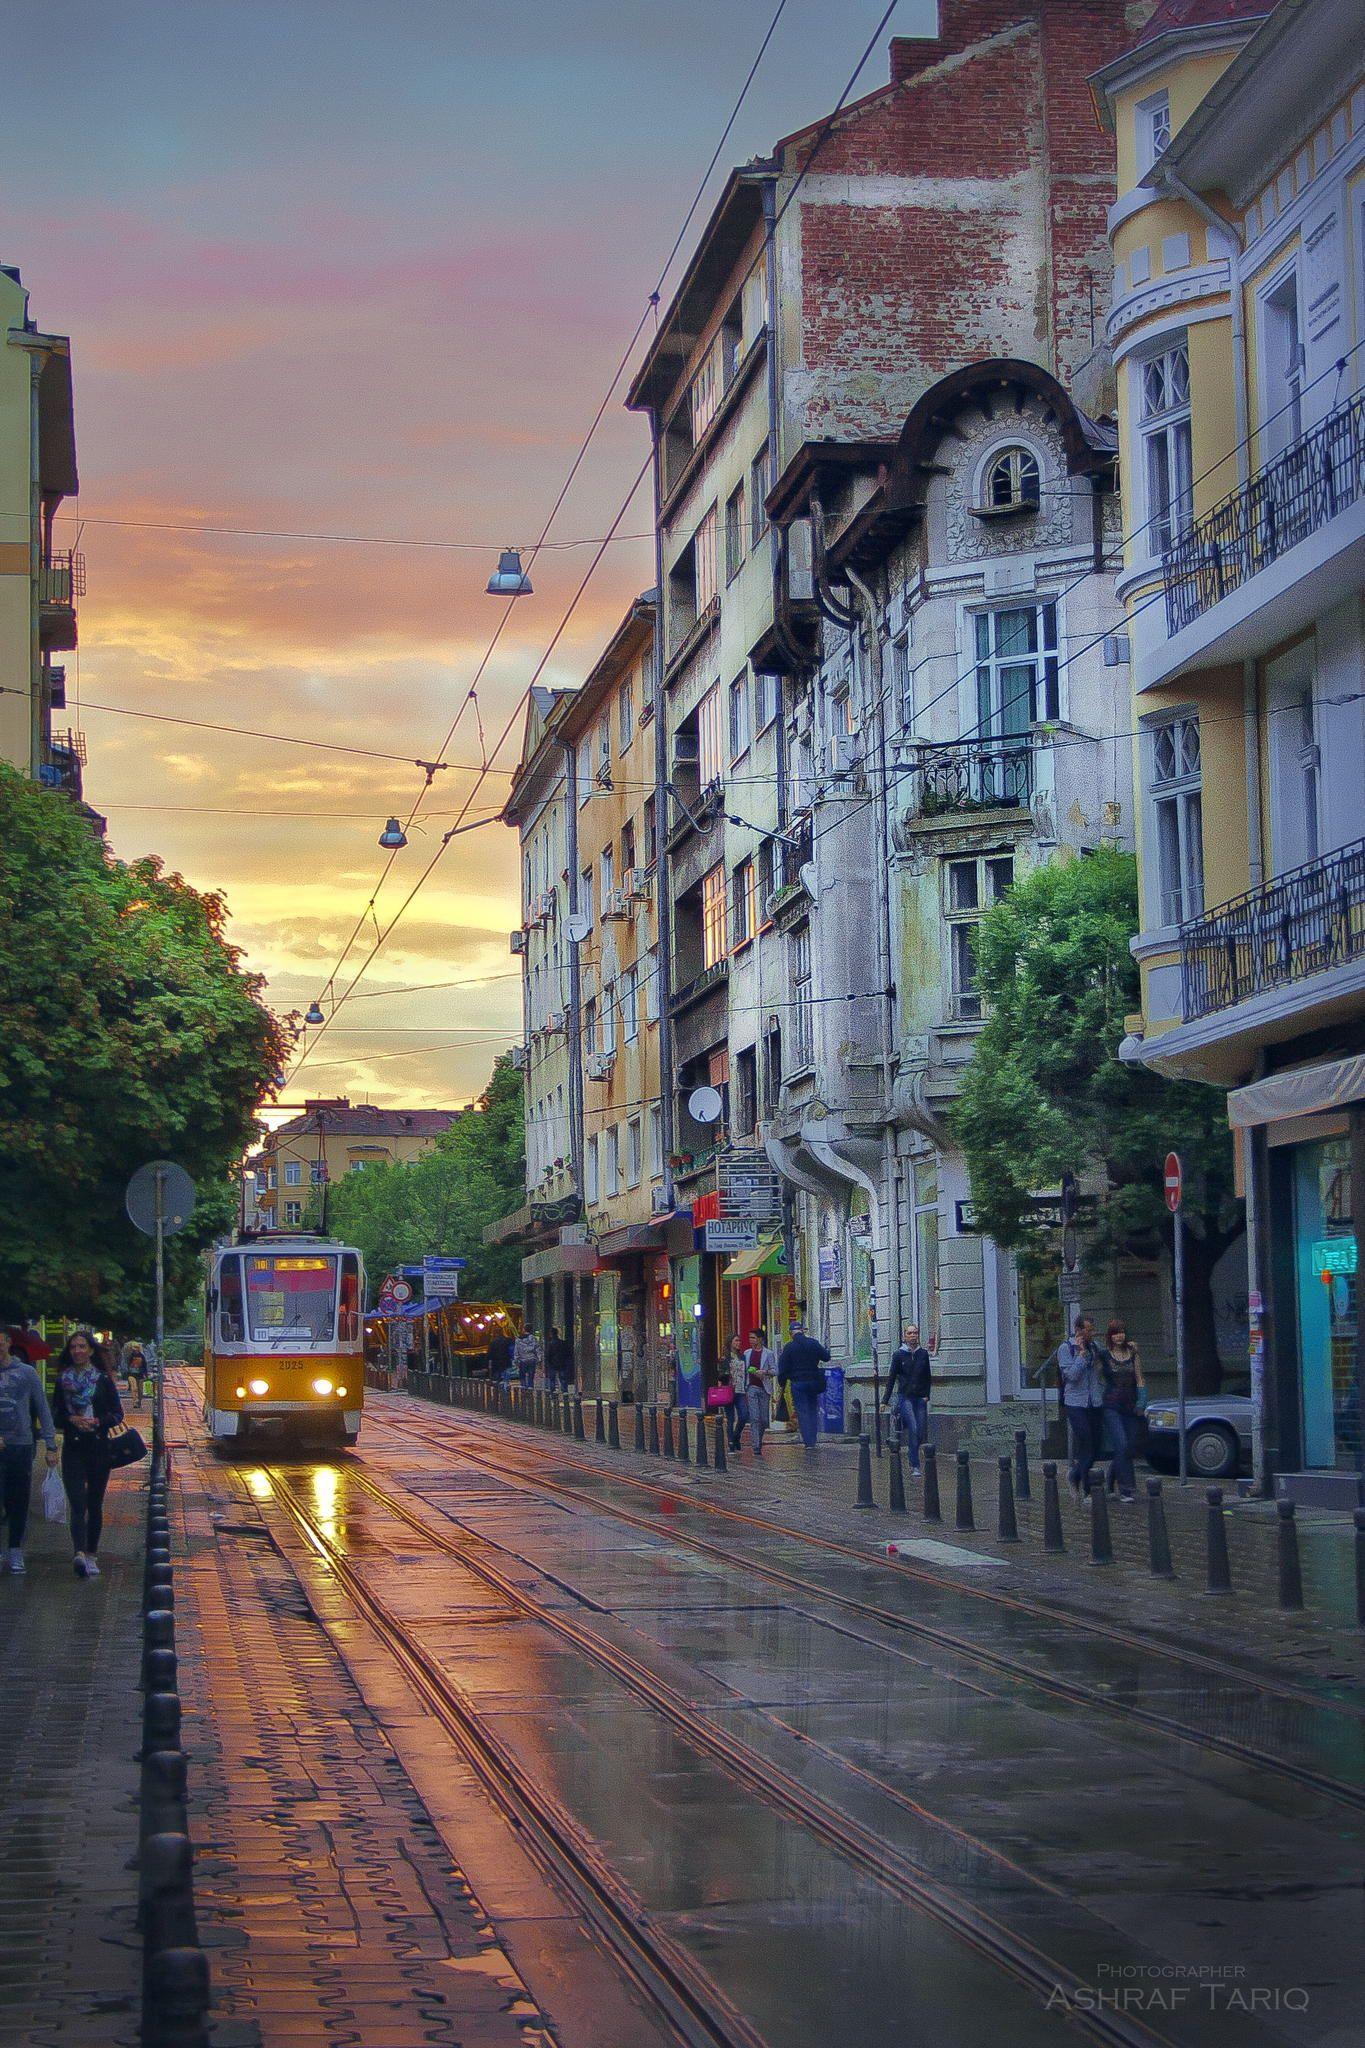 Rental Car Places >> Pin by Krasi LaFore on Bulgaria | Sofia bulgaria, Places to visit, Bulgaria